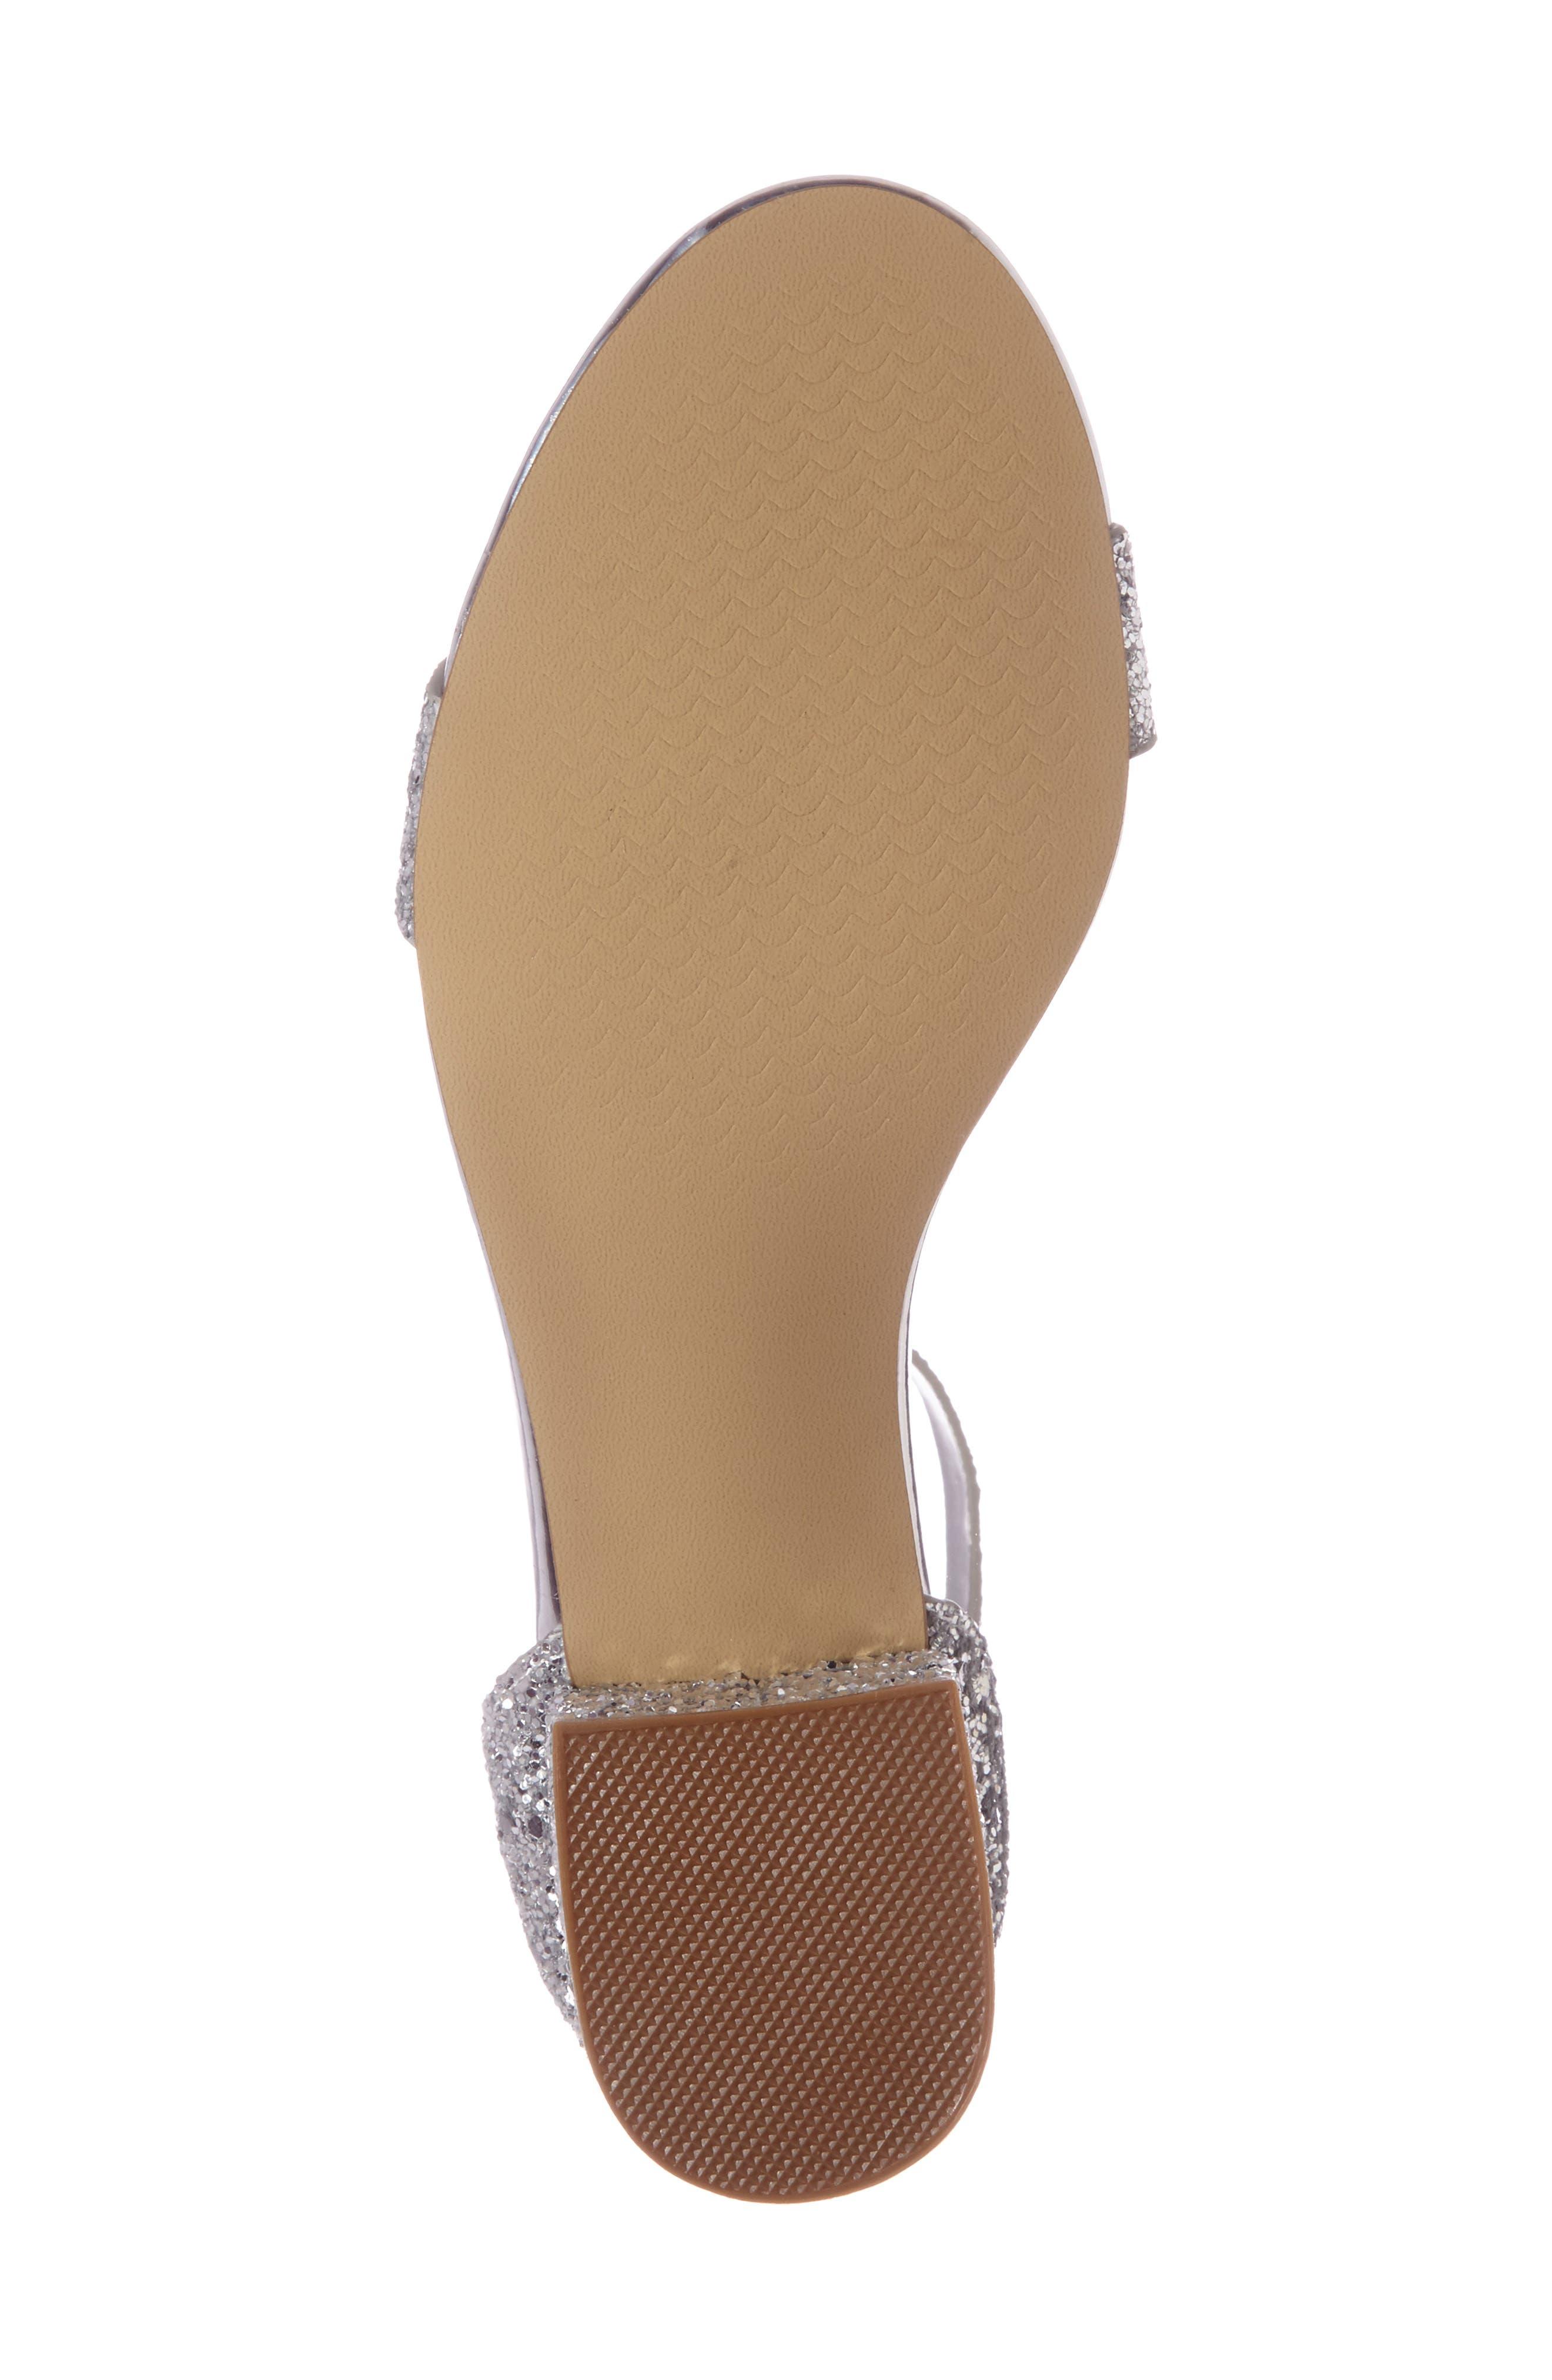 Irenee Ankle Strap Sandal,                             Alternate thumbnail 131, color,